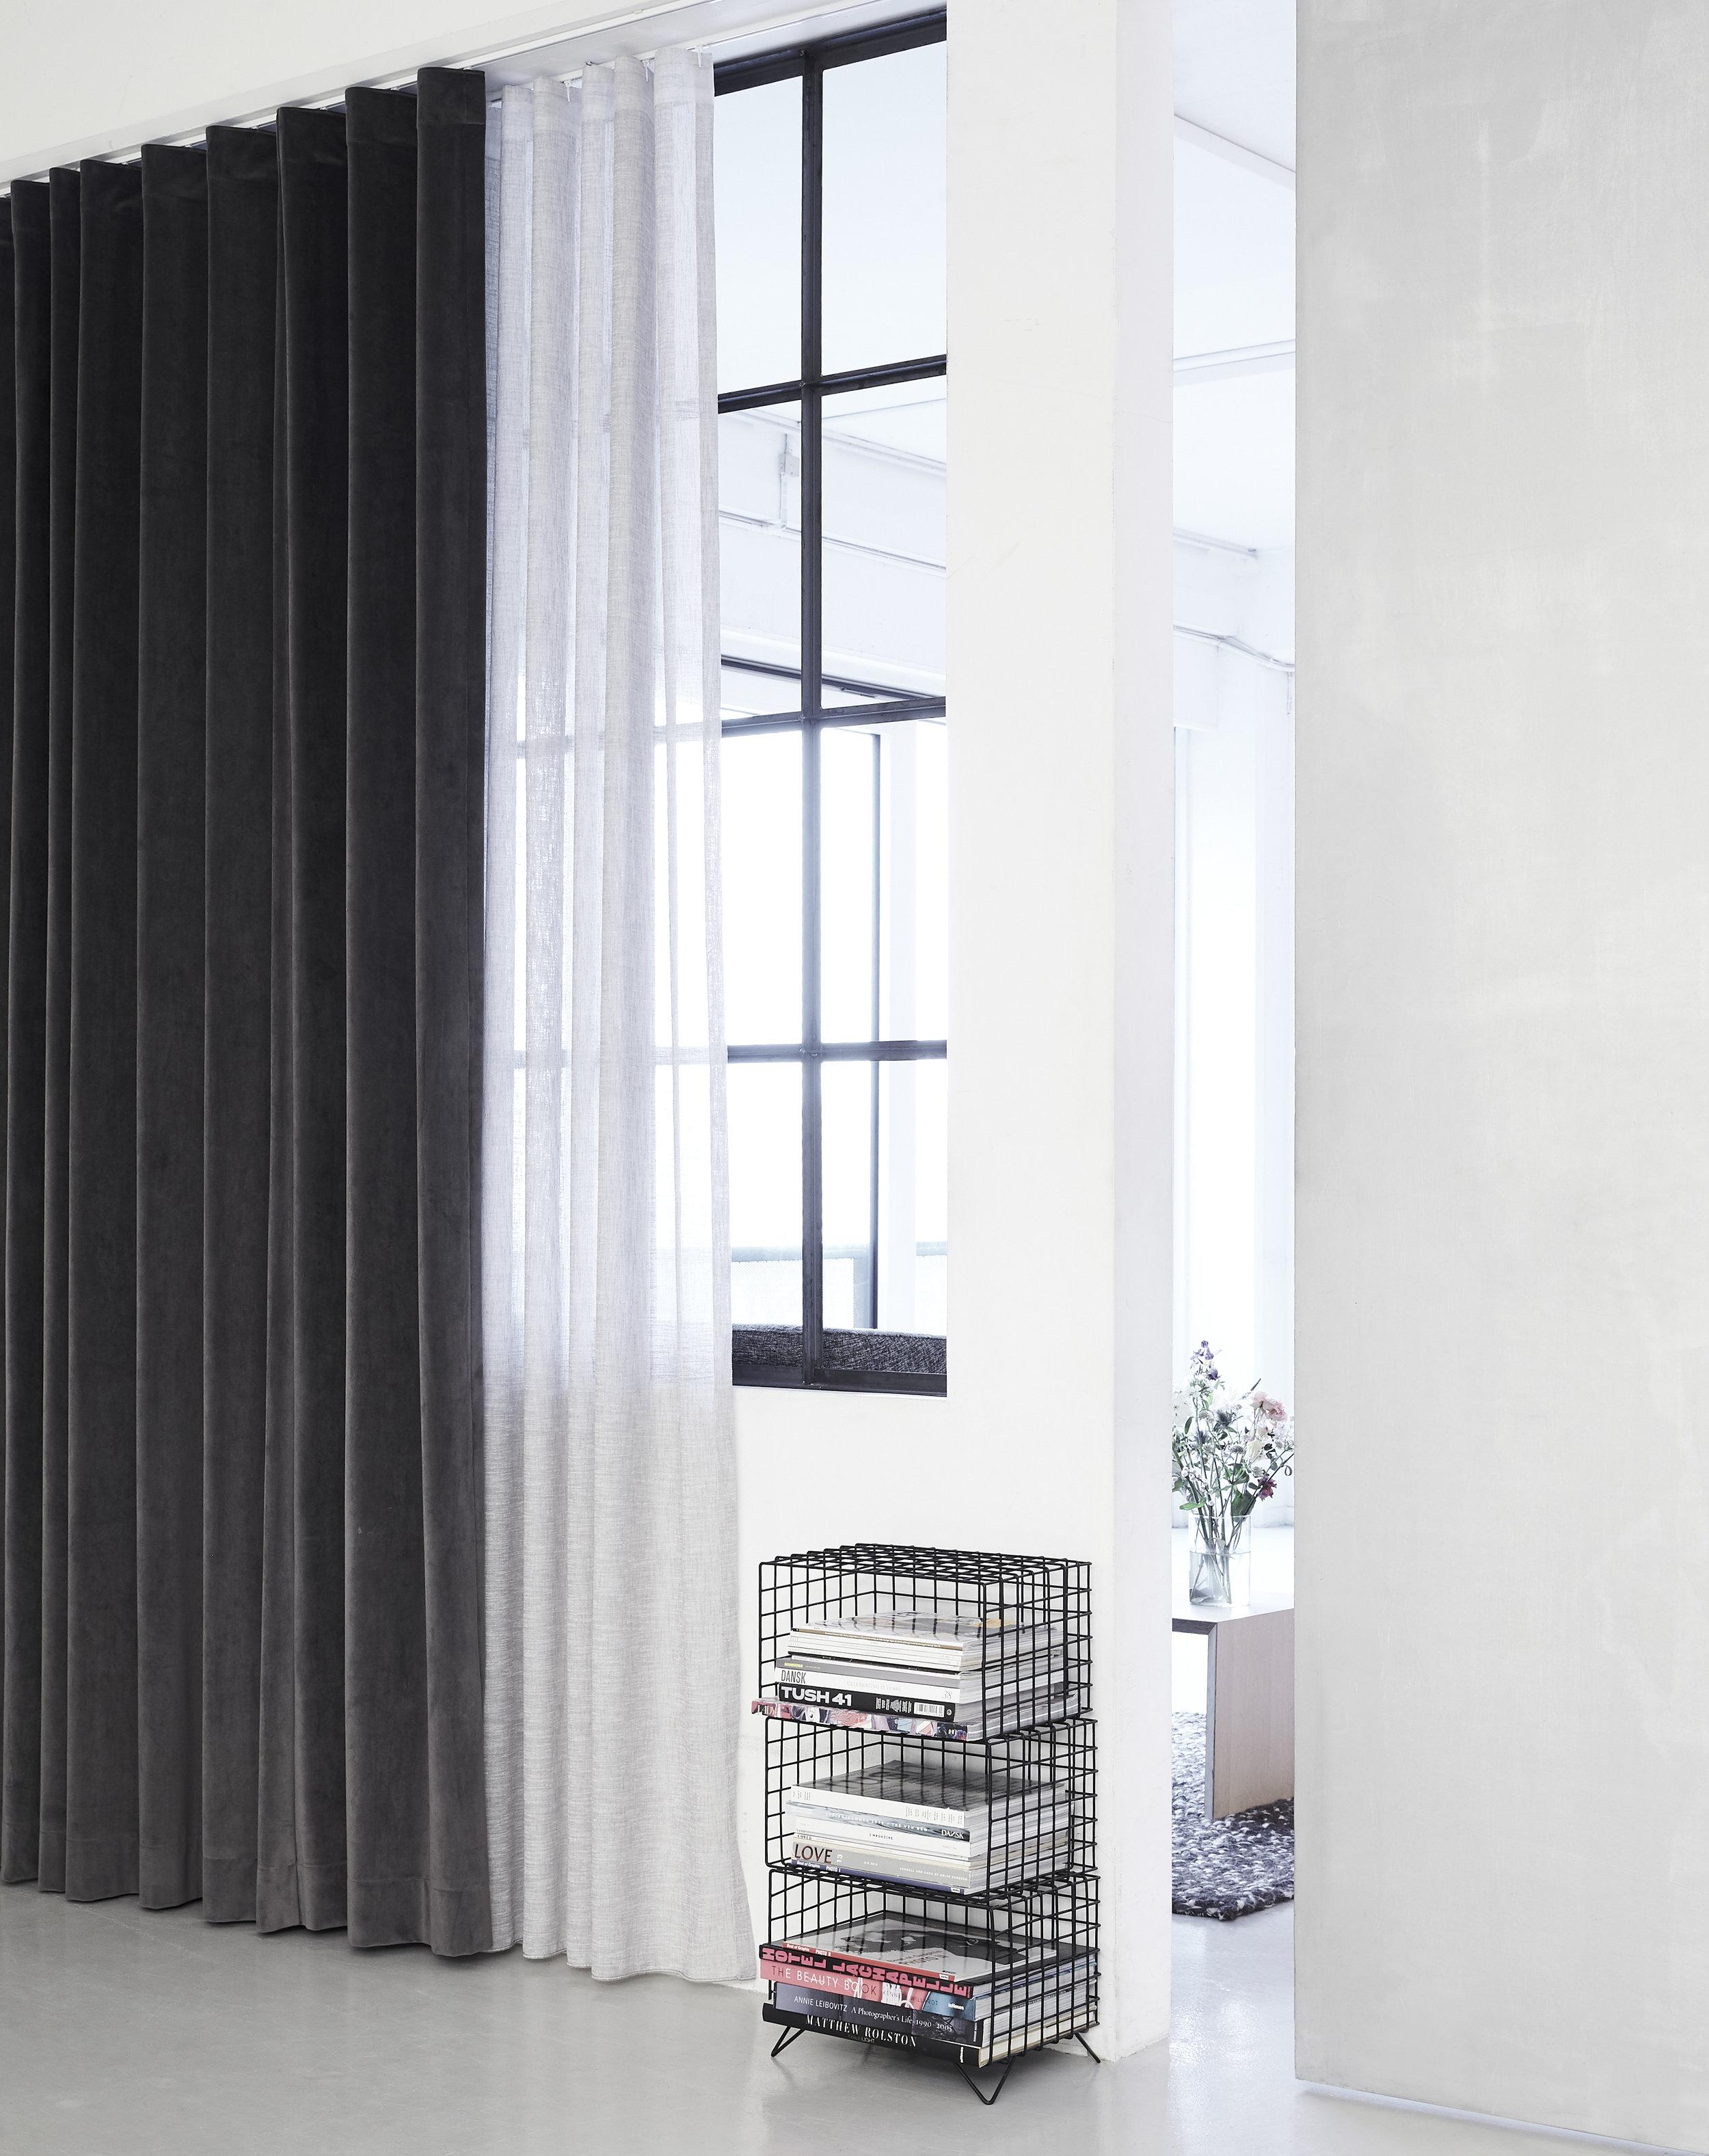 Dobbeltlag Velvet & Transparent i fotostudie København